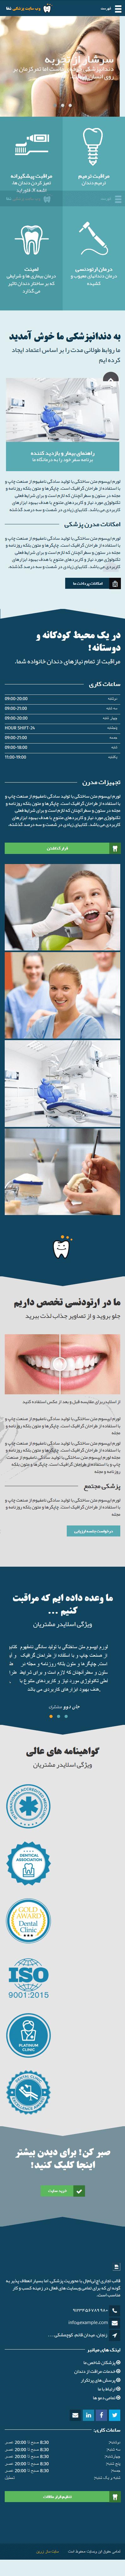 حالت موبایل سایت پزشکی شفا